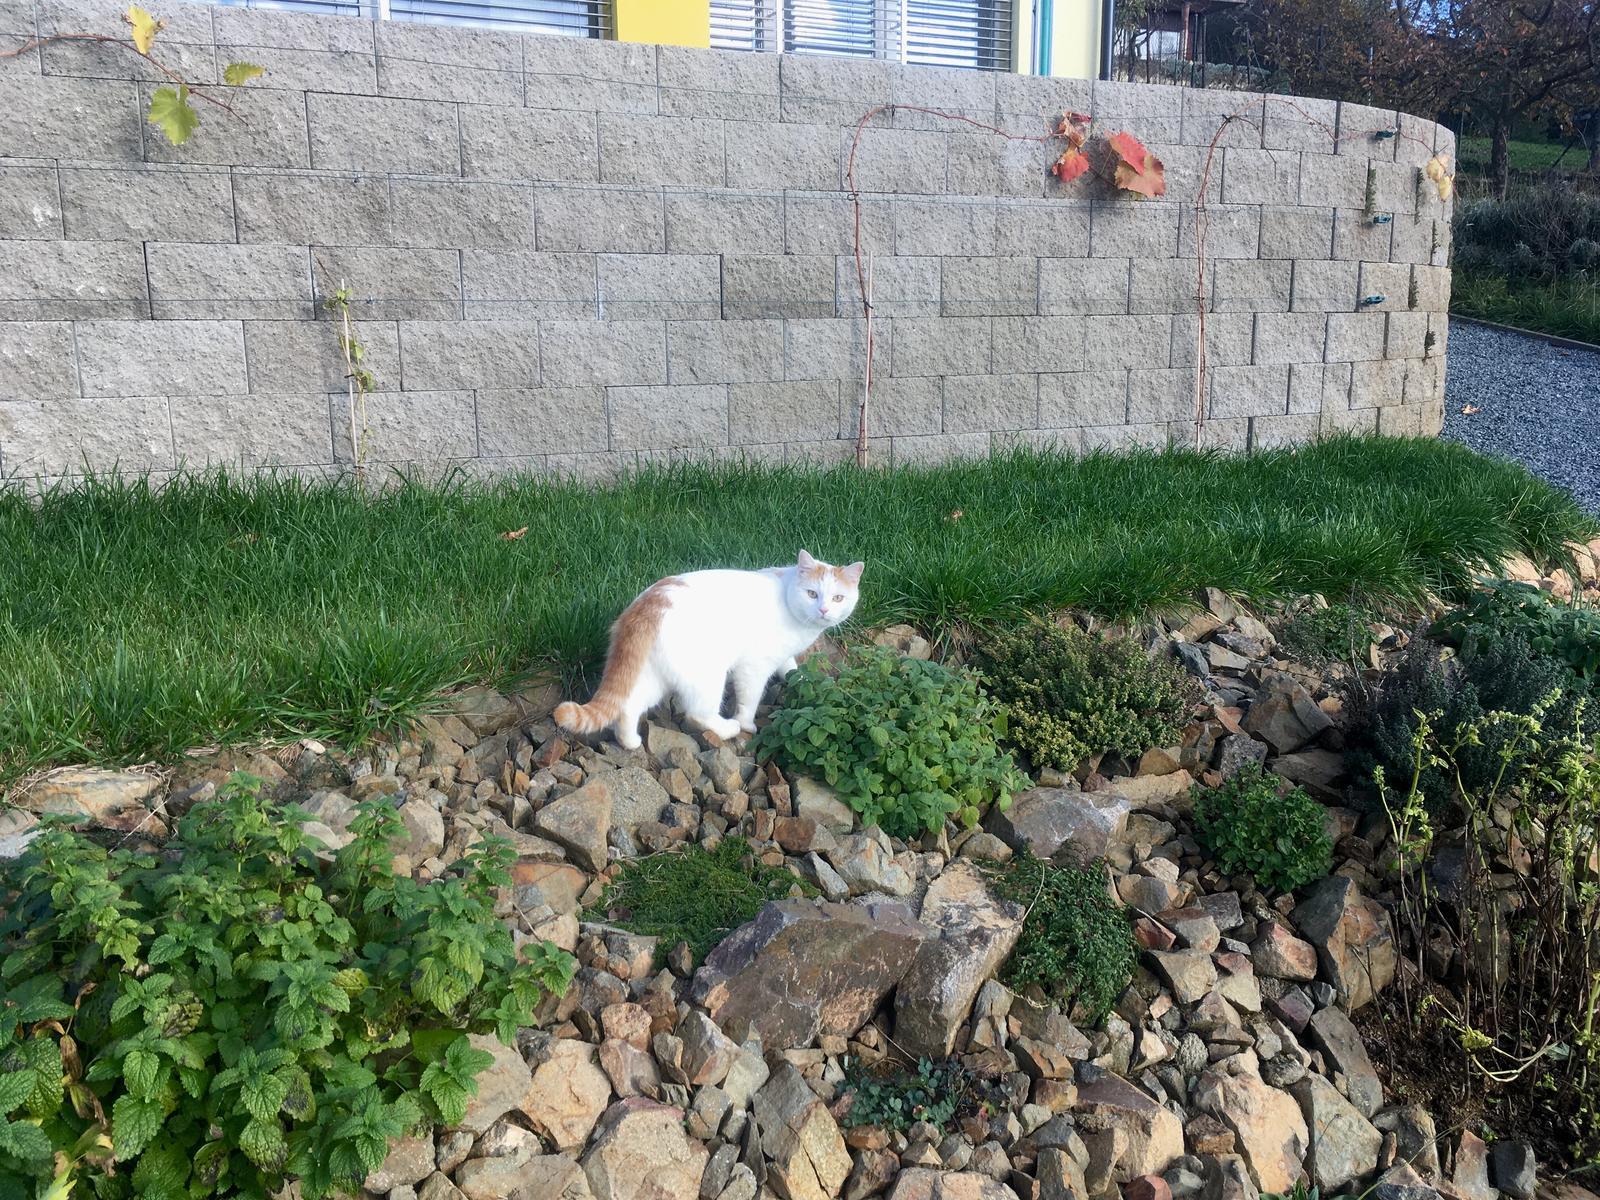 Skřítčí zahrada 2015 - 2020 - Listopad 2018 - révě opadalo listí, bazalka zasychá, kočka se ochlupacuje ... zima přichází